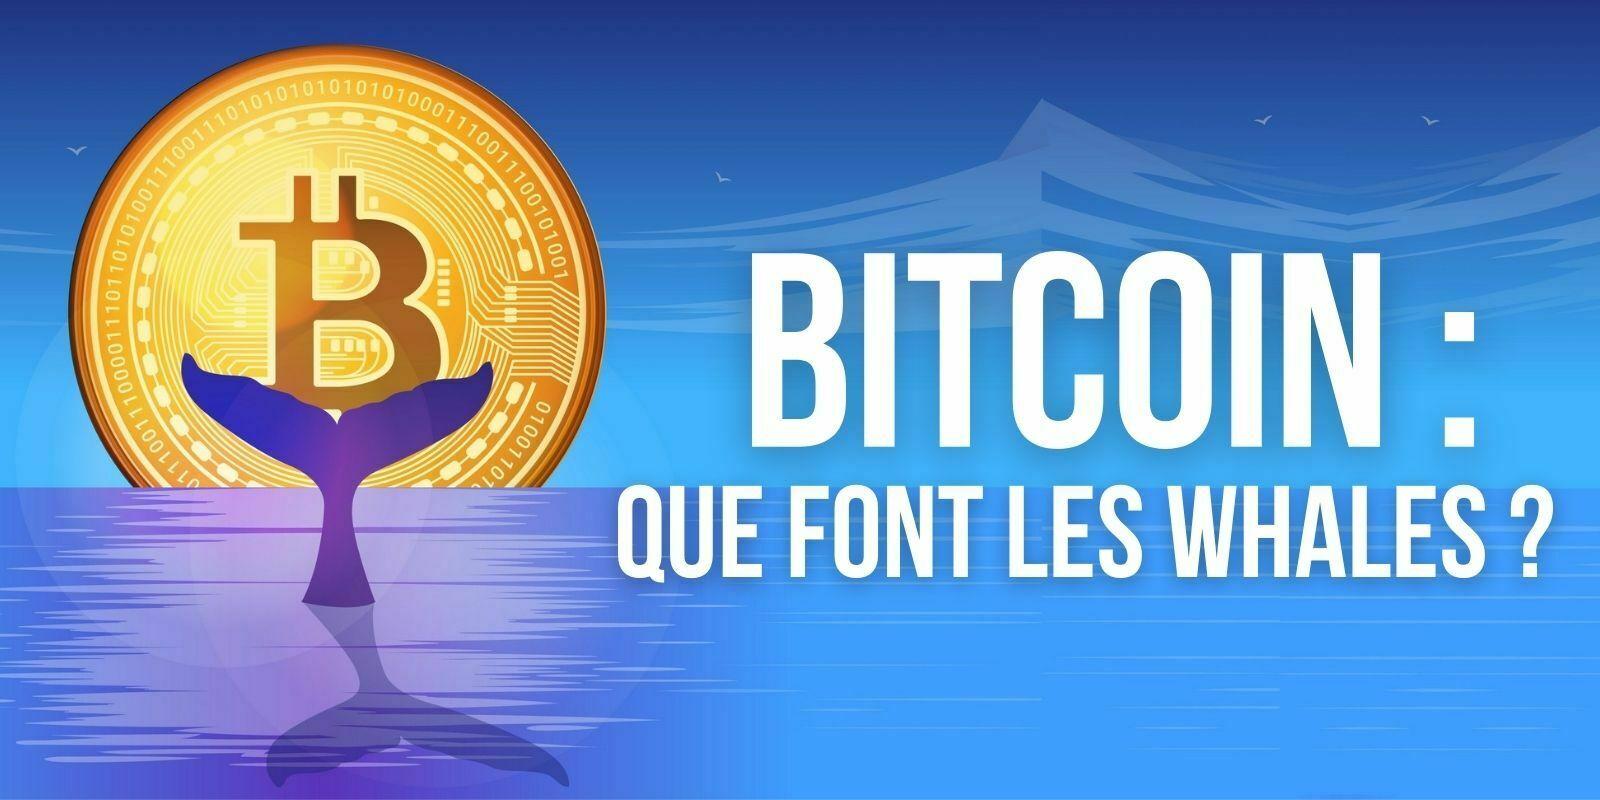 Bitcoin (BTC) — Pourquoi les whales ont-elles accumulé pendant le krach?